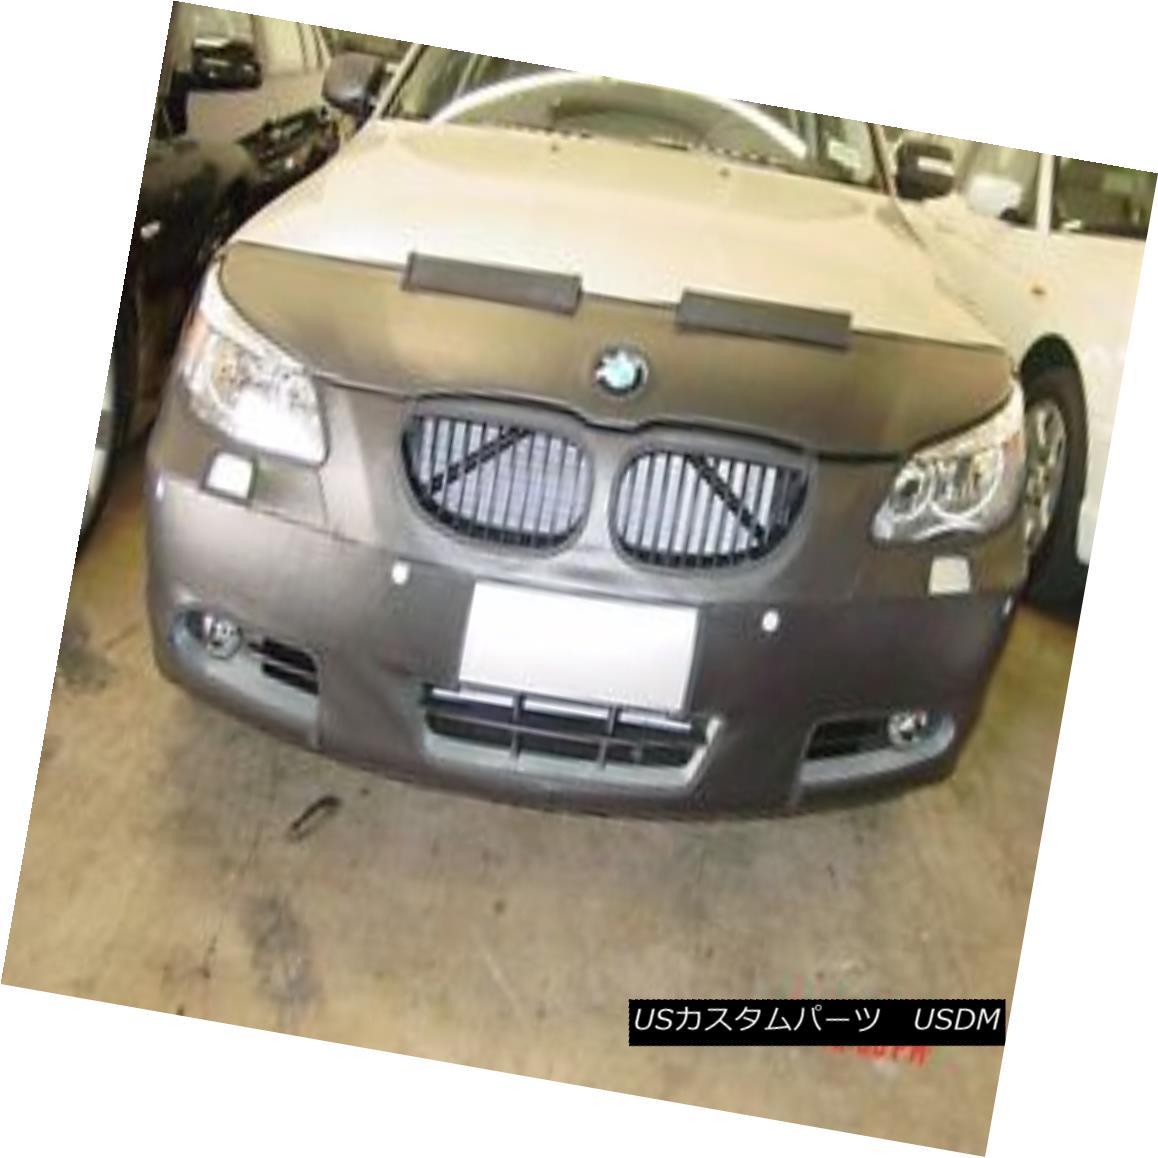 Plate Colgan Front End Mask Bra 2pc W//O Senser. Fits BMW X3 2011-2014 W//Frt